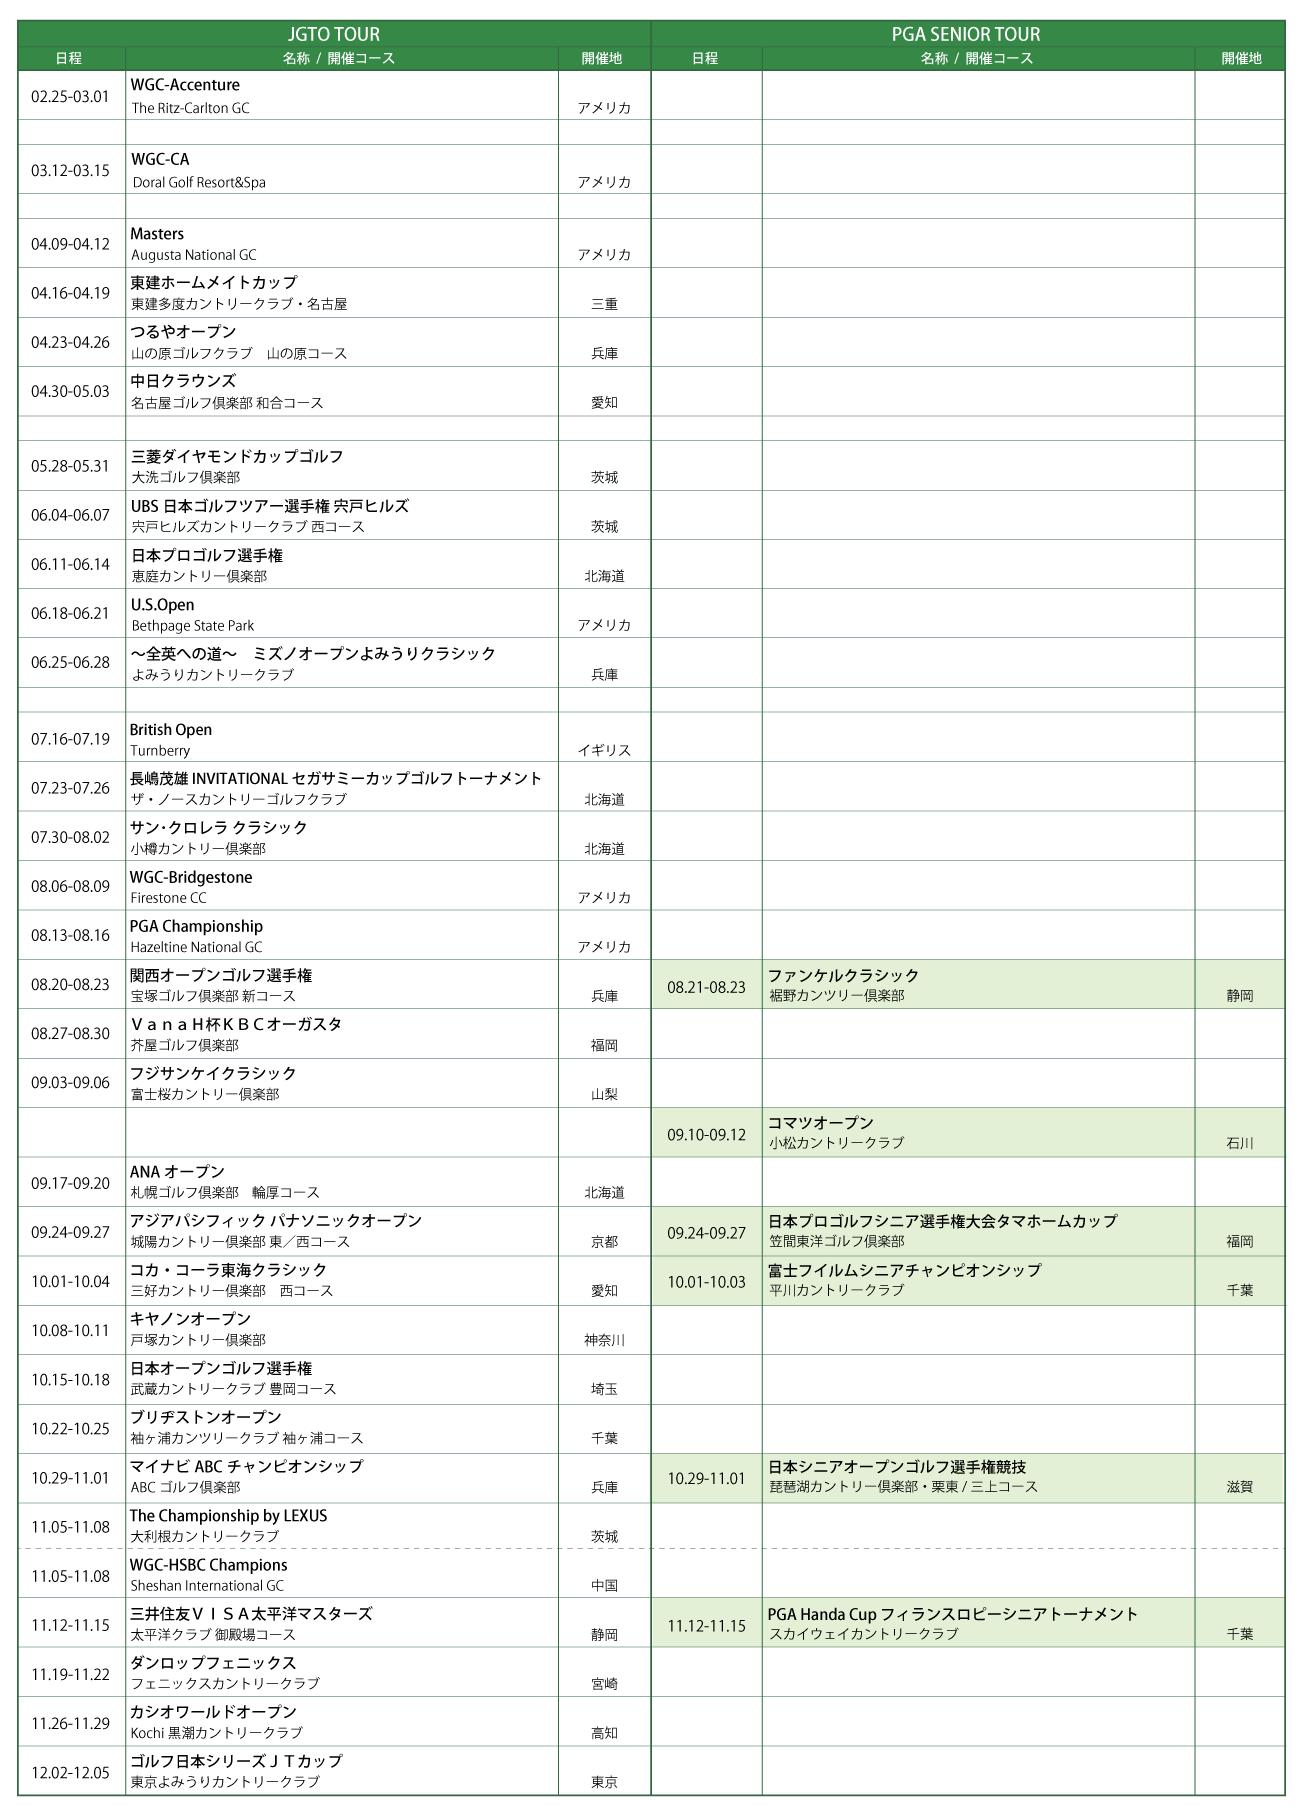 2009 トーナメントスケジュール